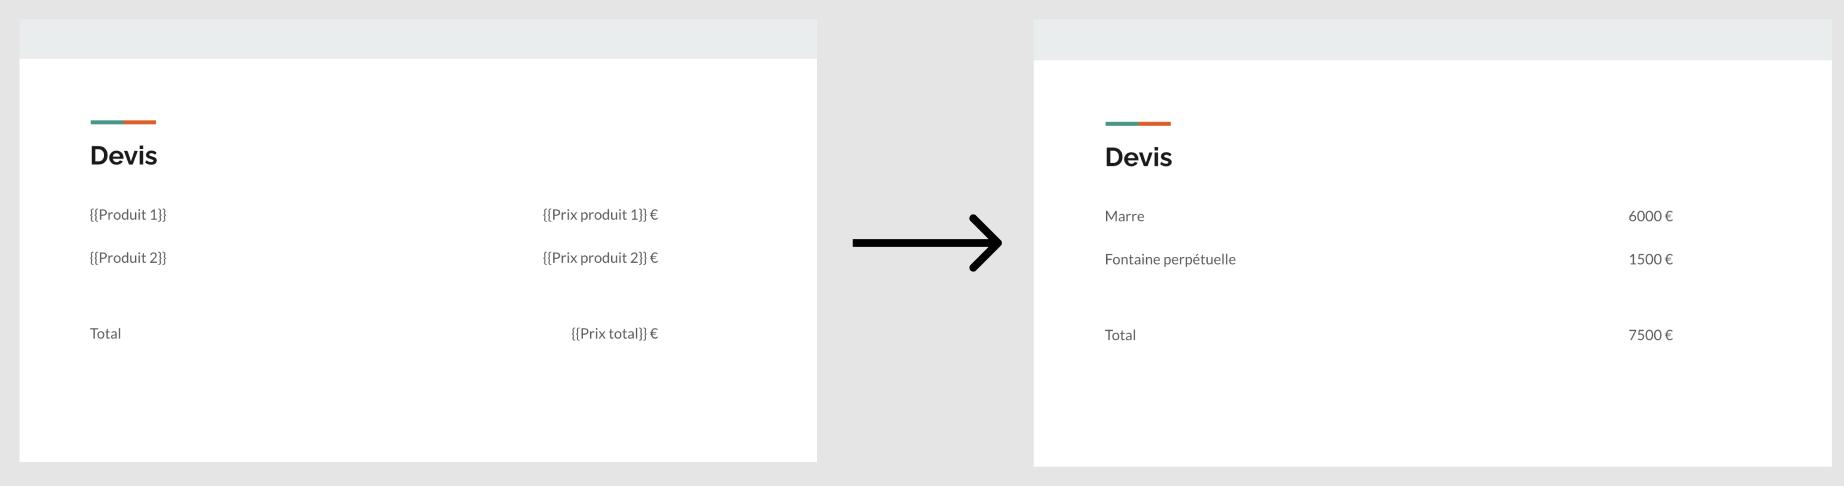 Créer un devis automatique avec Google Slides